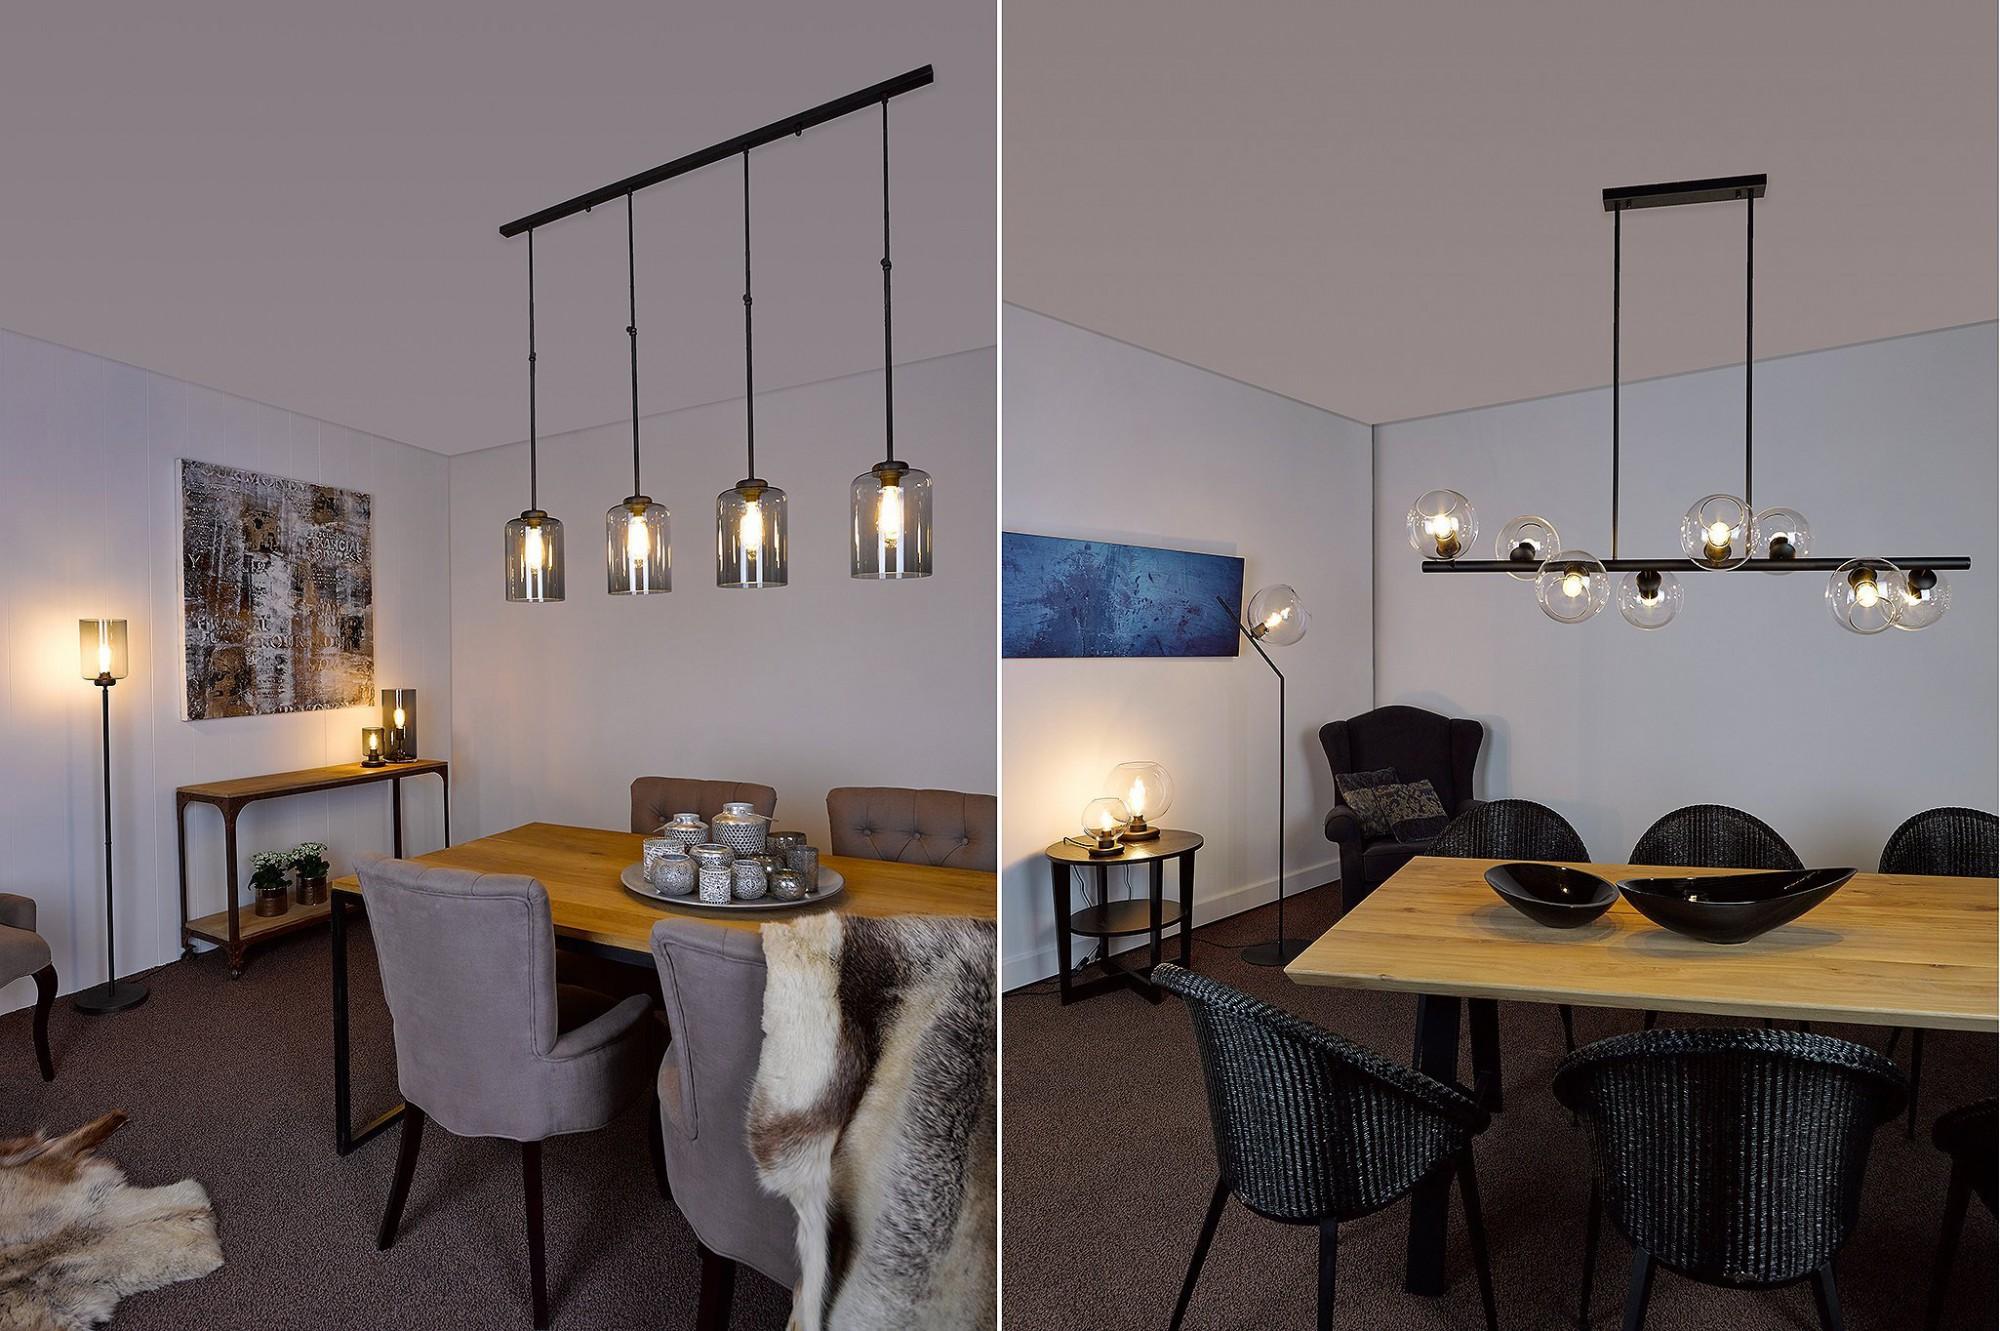 Afbeelding: Studio fotografie op locatie, decor met verlichting voor Marckdael.